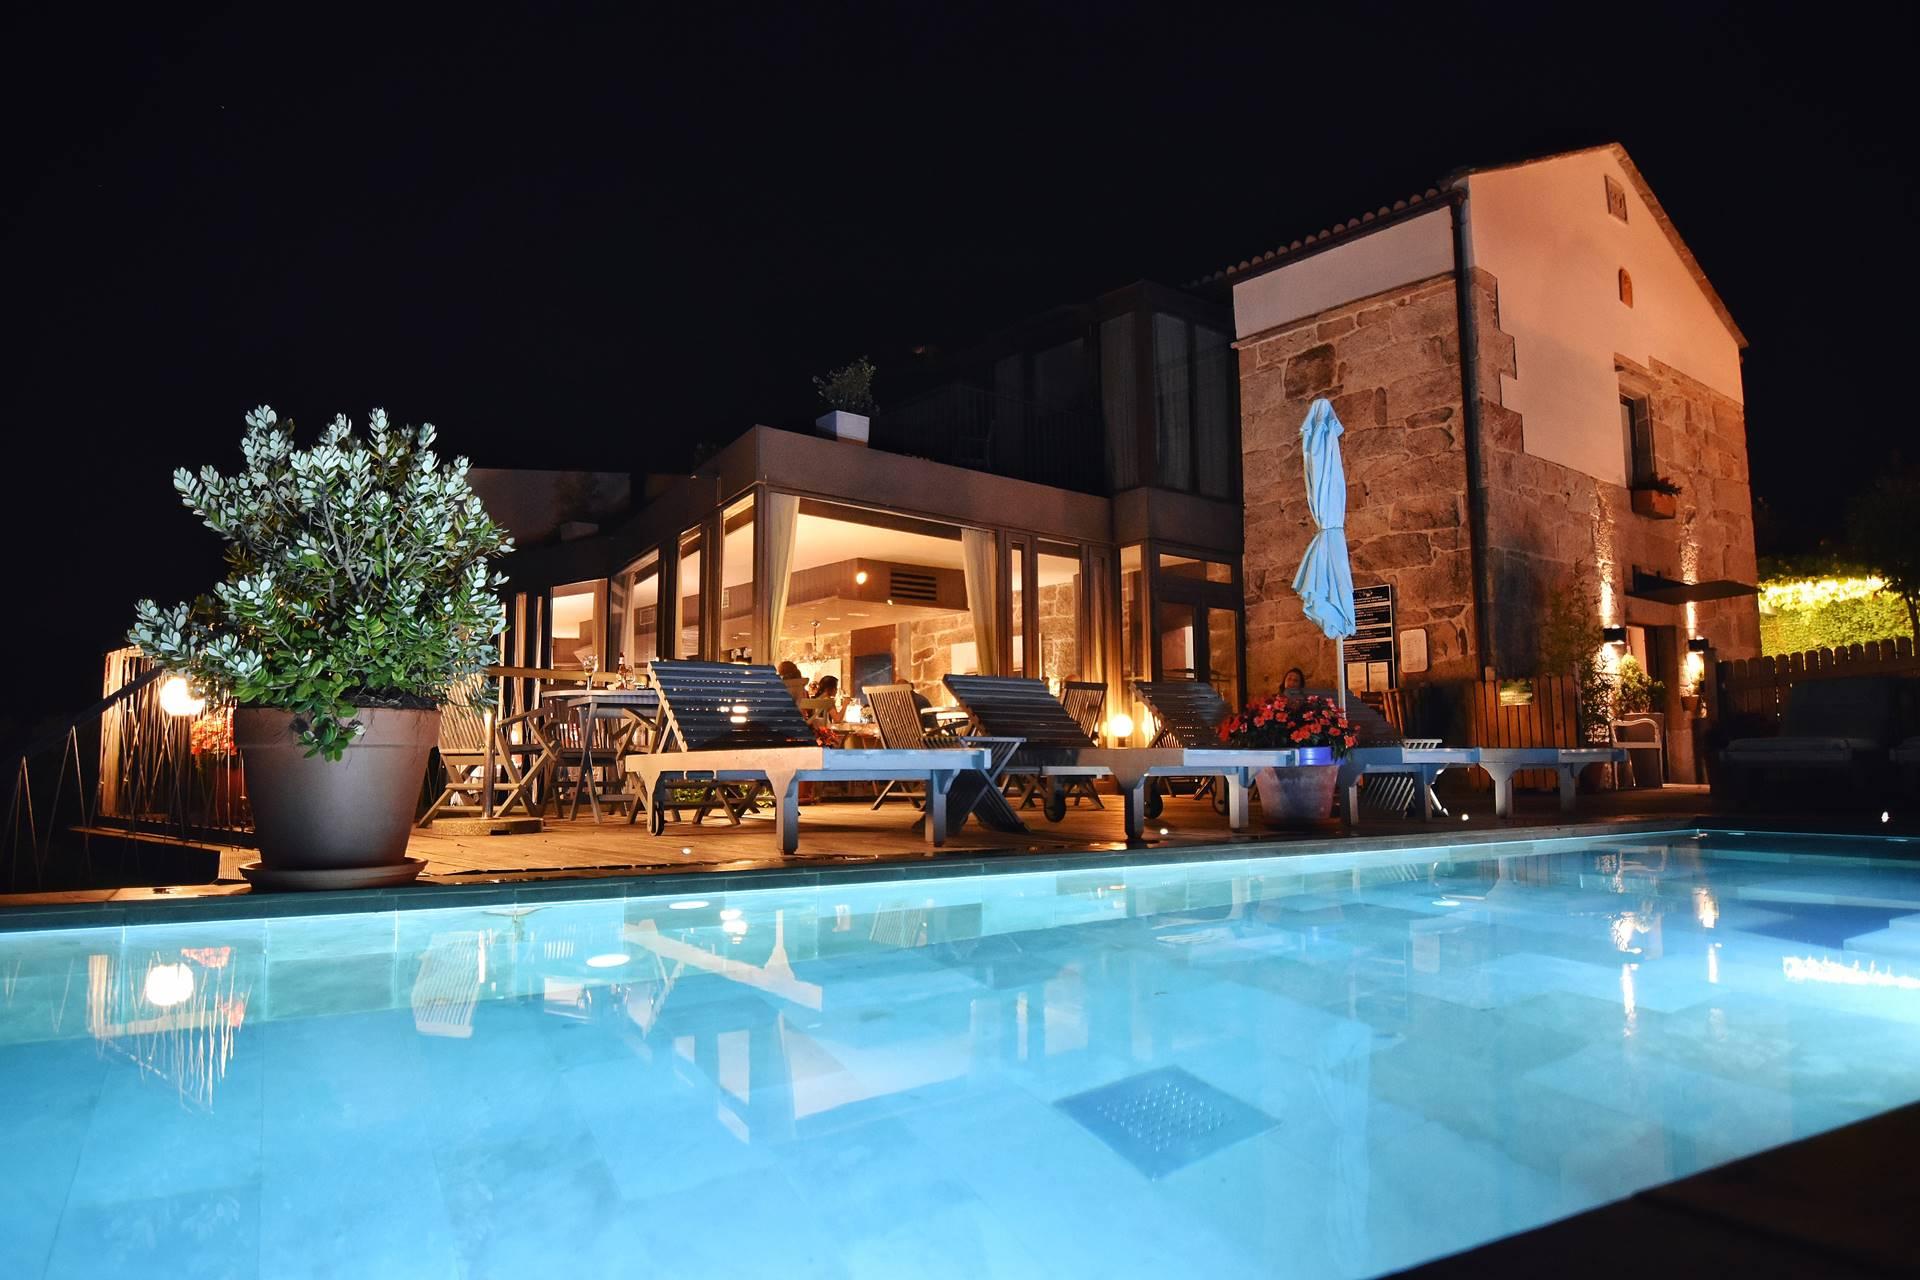 Quinta de San Amaro Hotel & Restaurante de noche